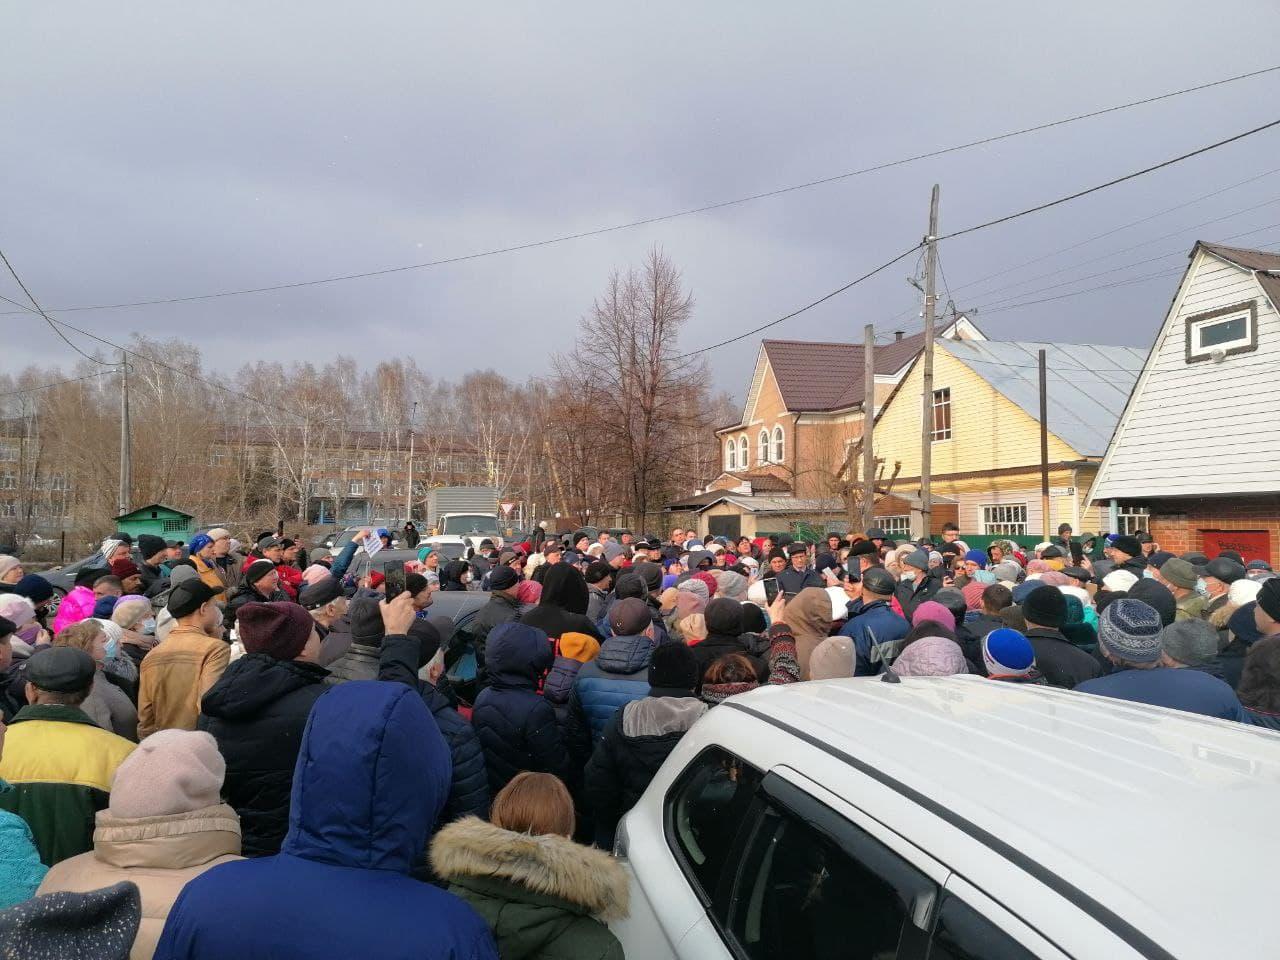 Жители частного сектора Барнаула вышли массовую акцию из-за противоречивых сведений новом статусе земли